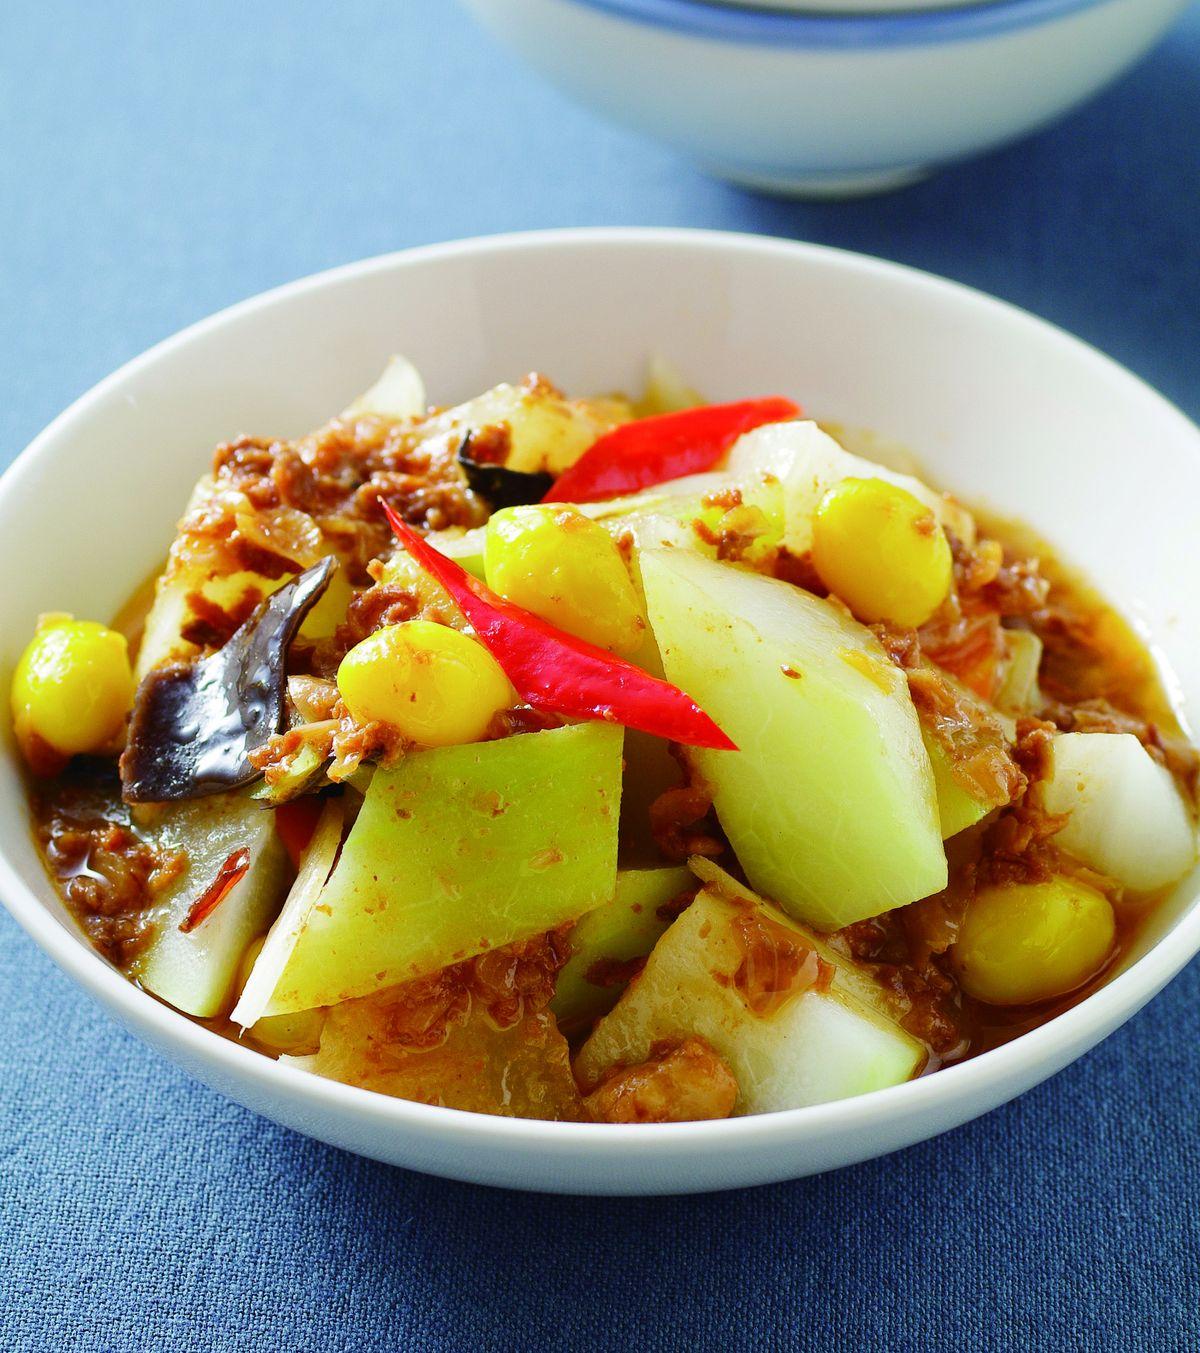 食譜:蔥油肉醬瓠瓜